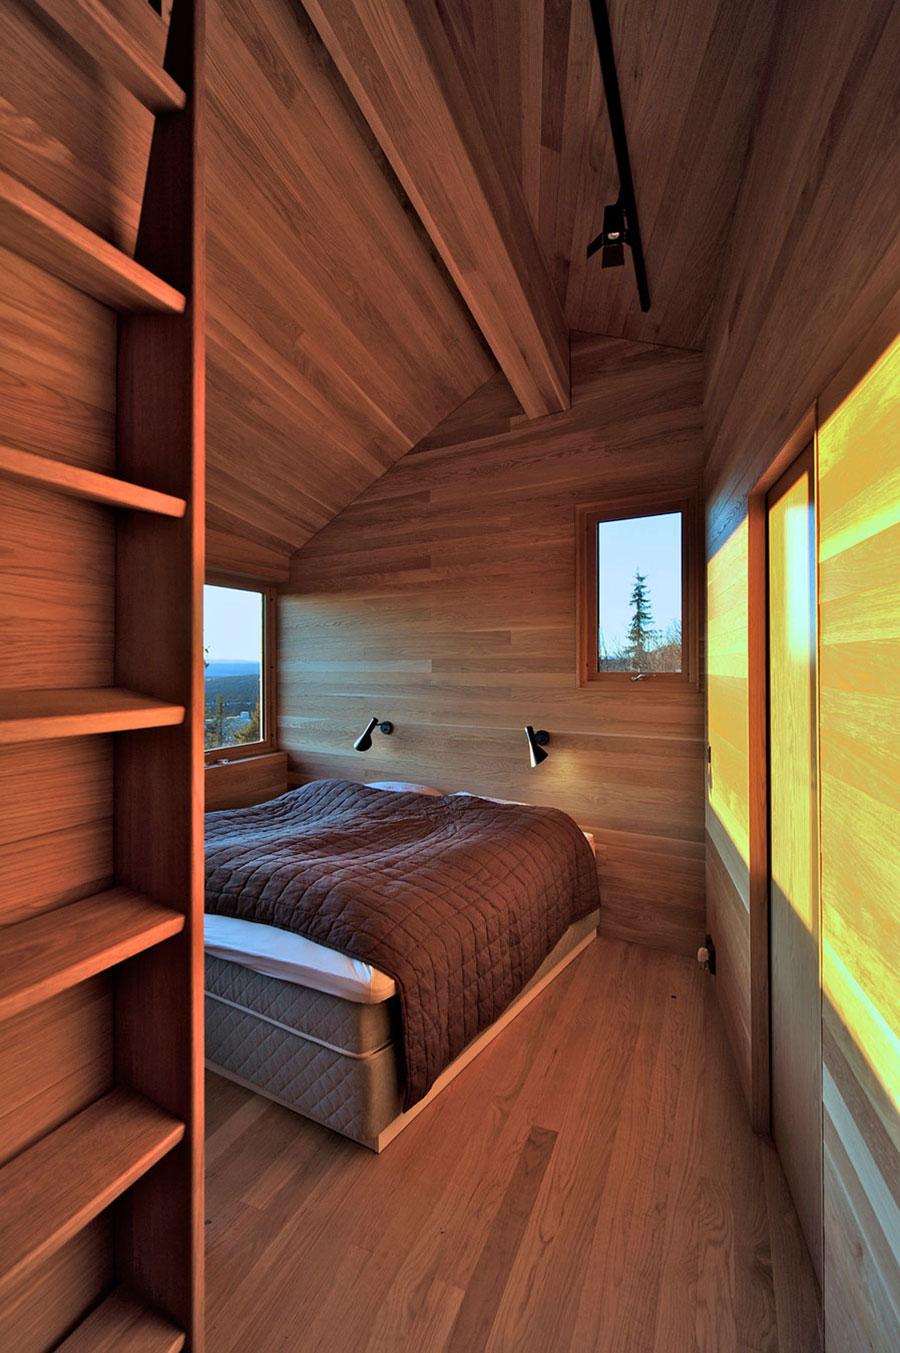 Bedroom, Ski Home in Kvitfjell, Norway: Twisted Cabin